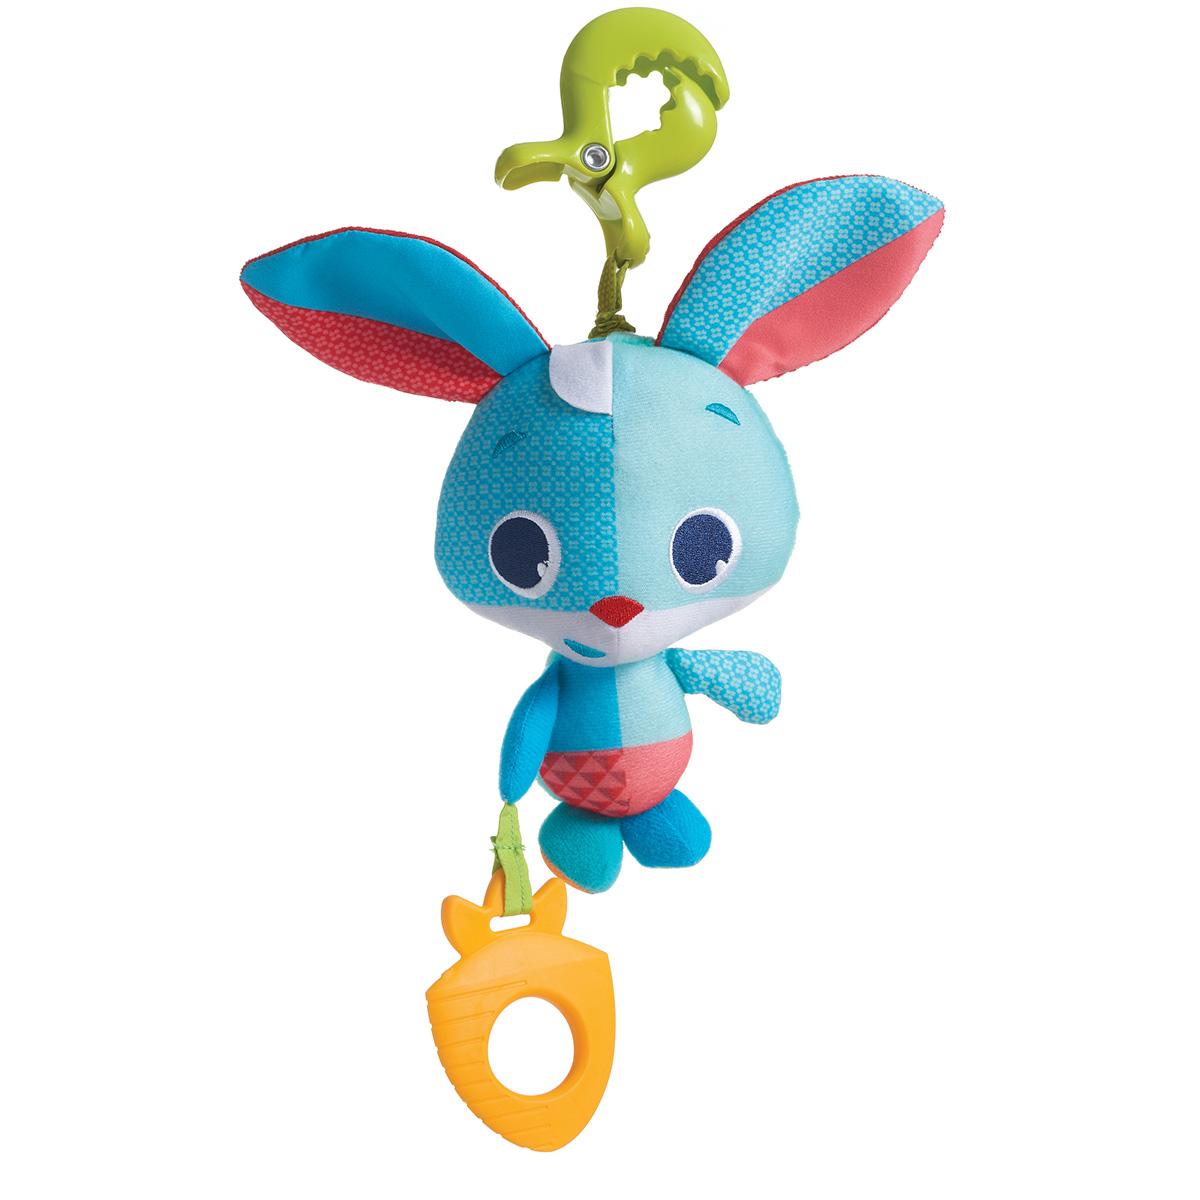 Игрушка подвеска – Зайчик, с прорезывателемДетские погремушки и подвесные игрушки на кроватку<br>Игрушка подвеска – Зайчик, с прорезывателем<br>